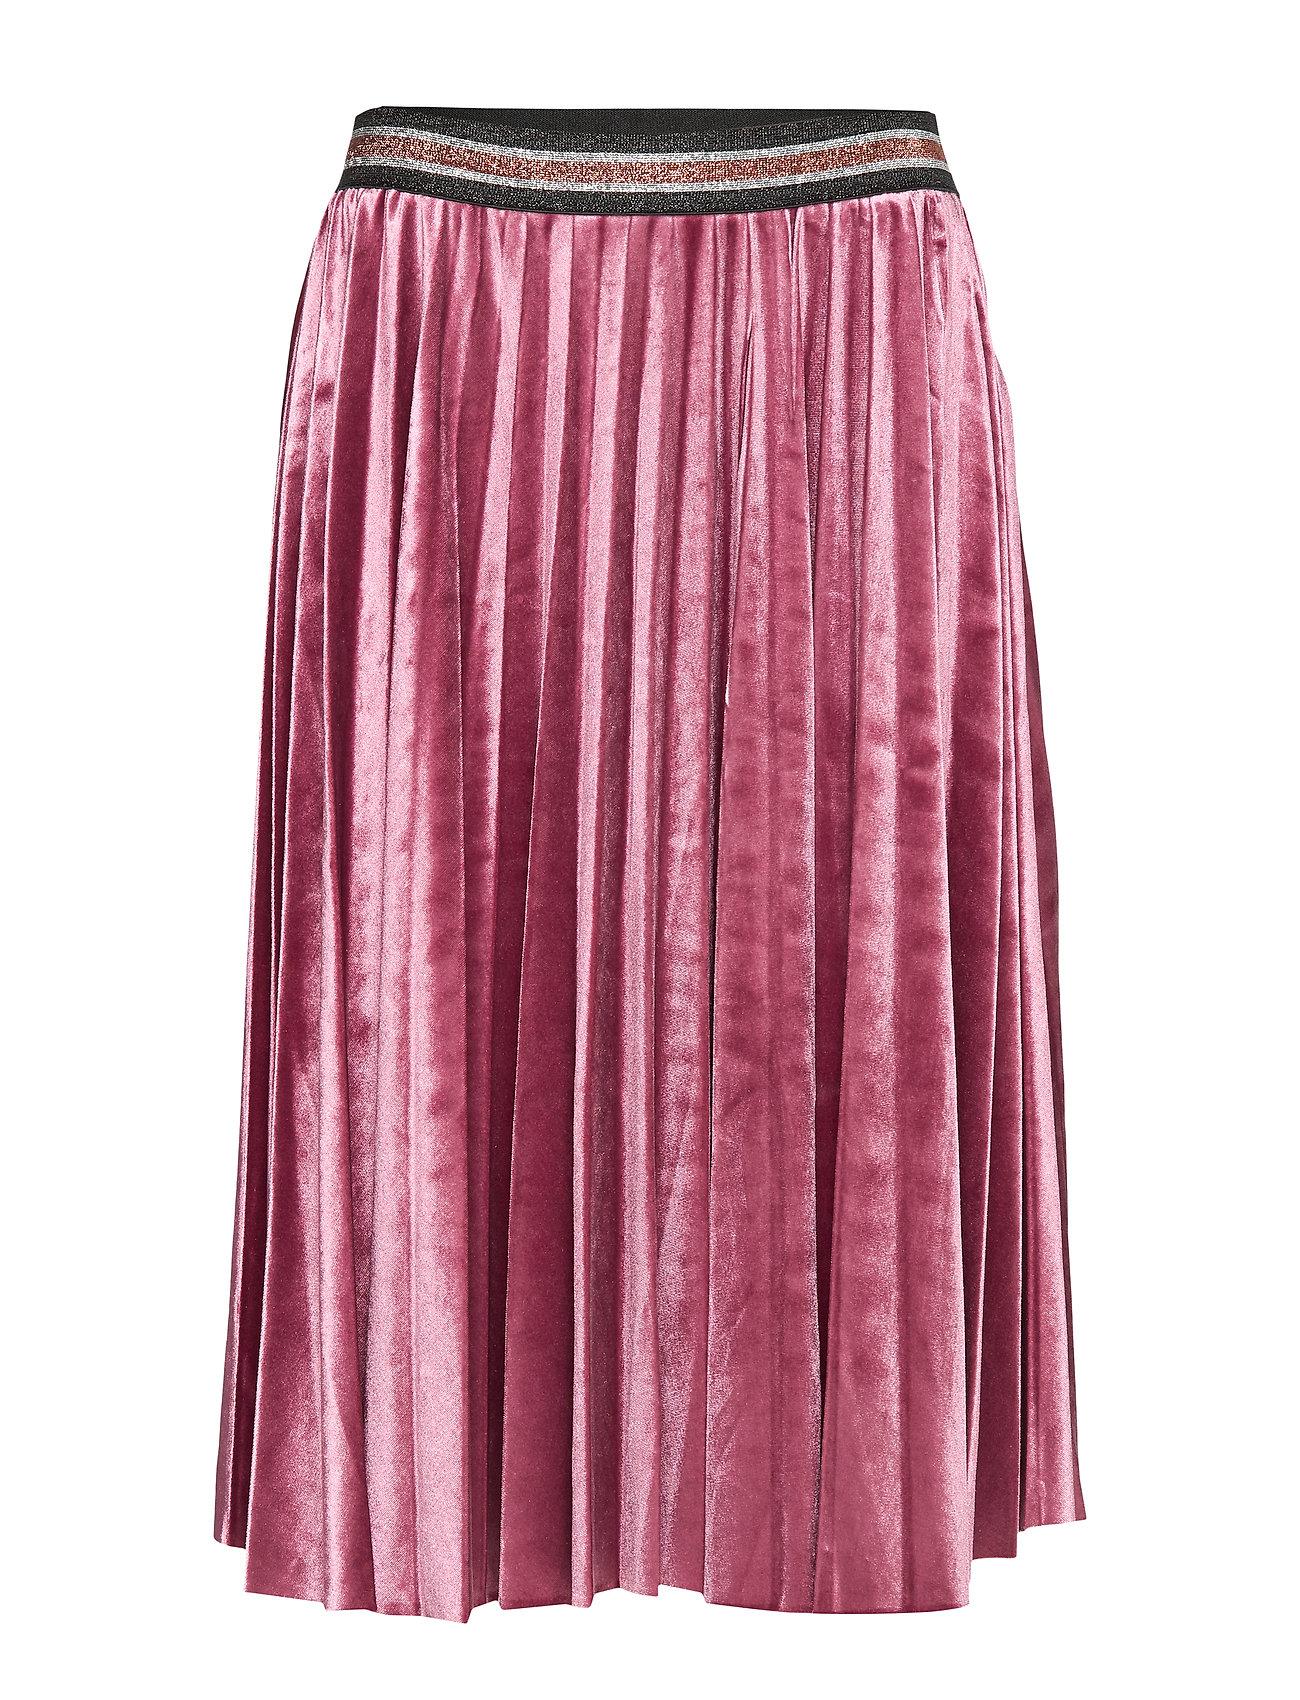 UNMADE Copenhagen Kitlyn skirt - NOSTALGIA ROSE